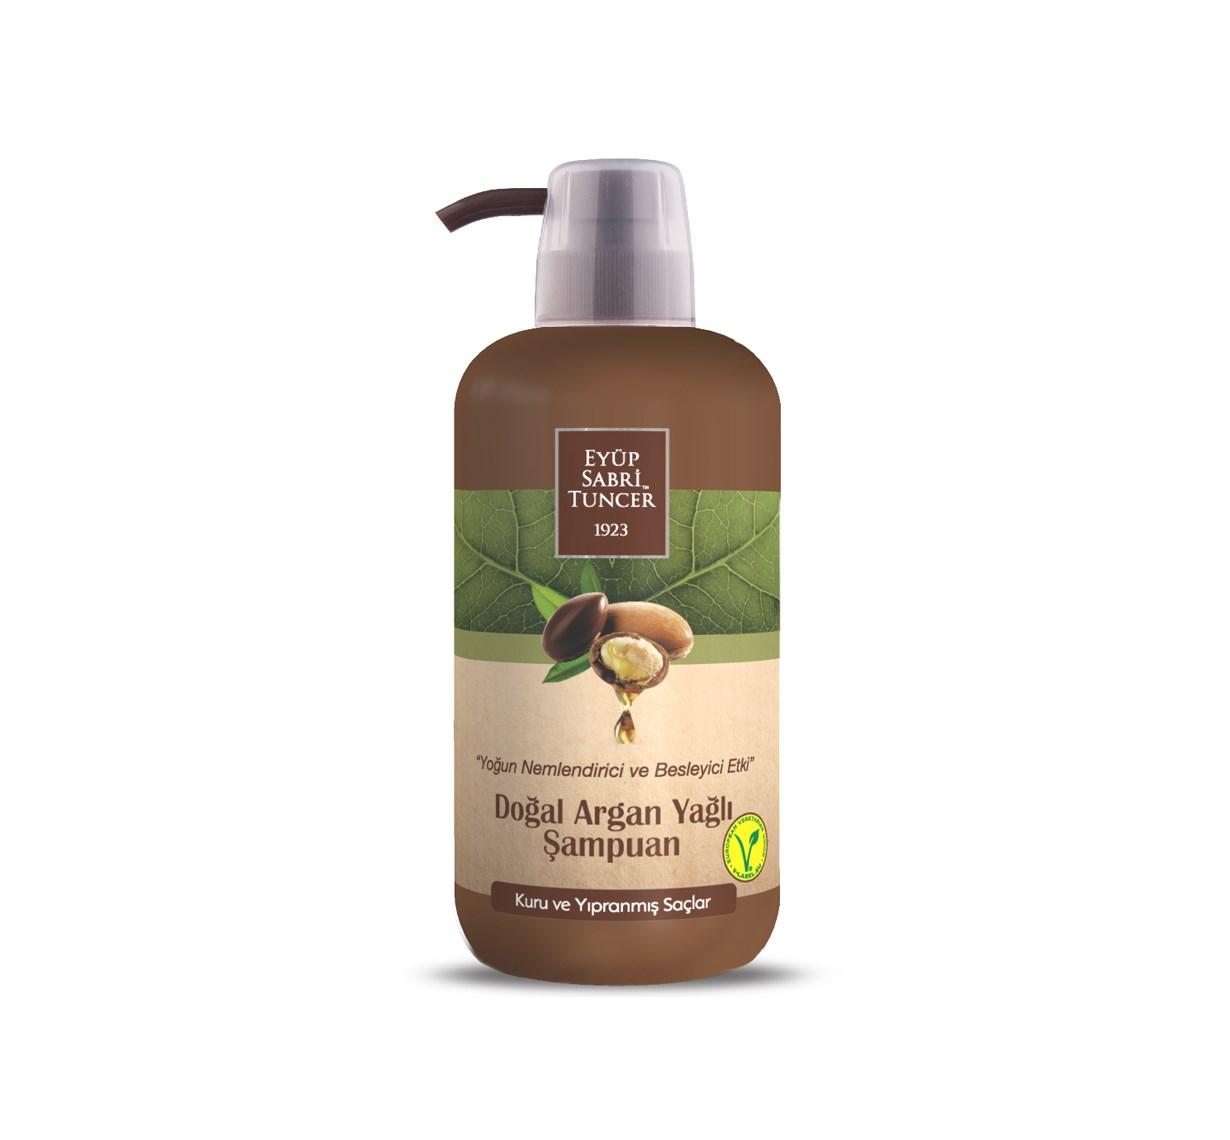 Doğal Argan Yağlı Şampuan